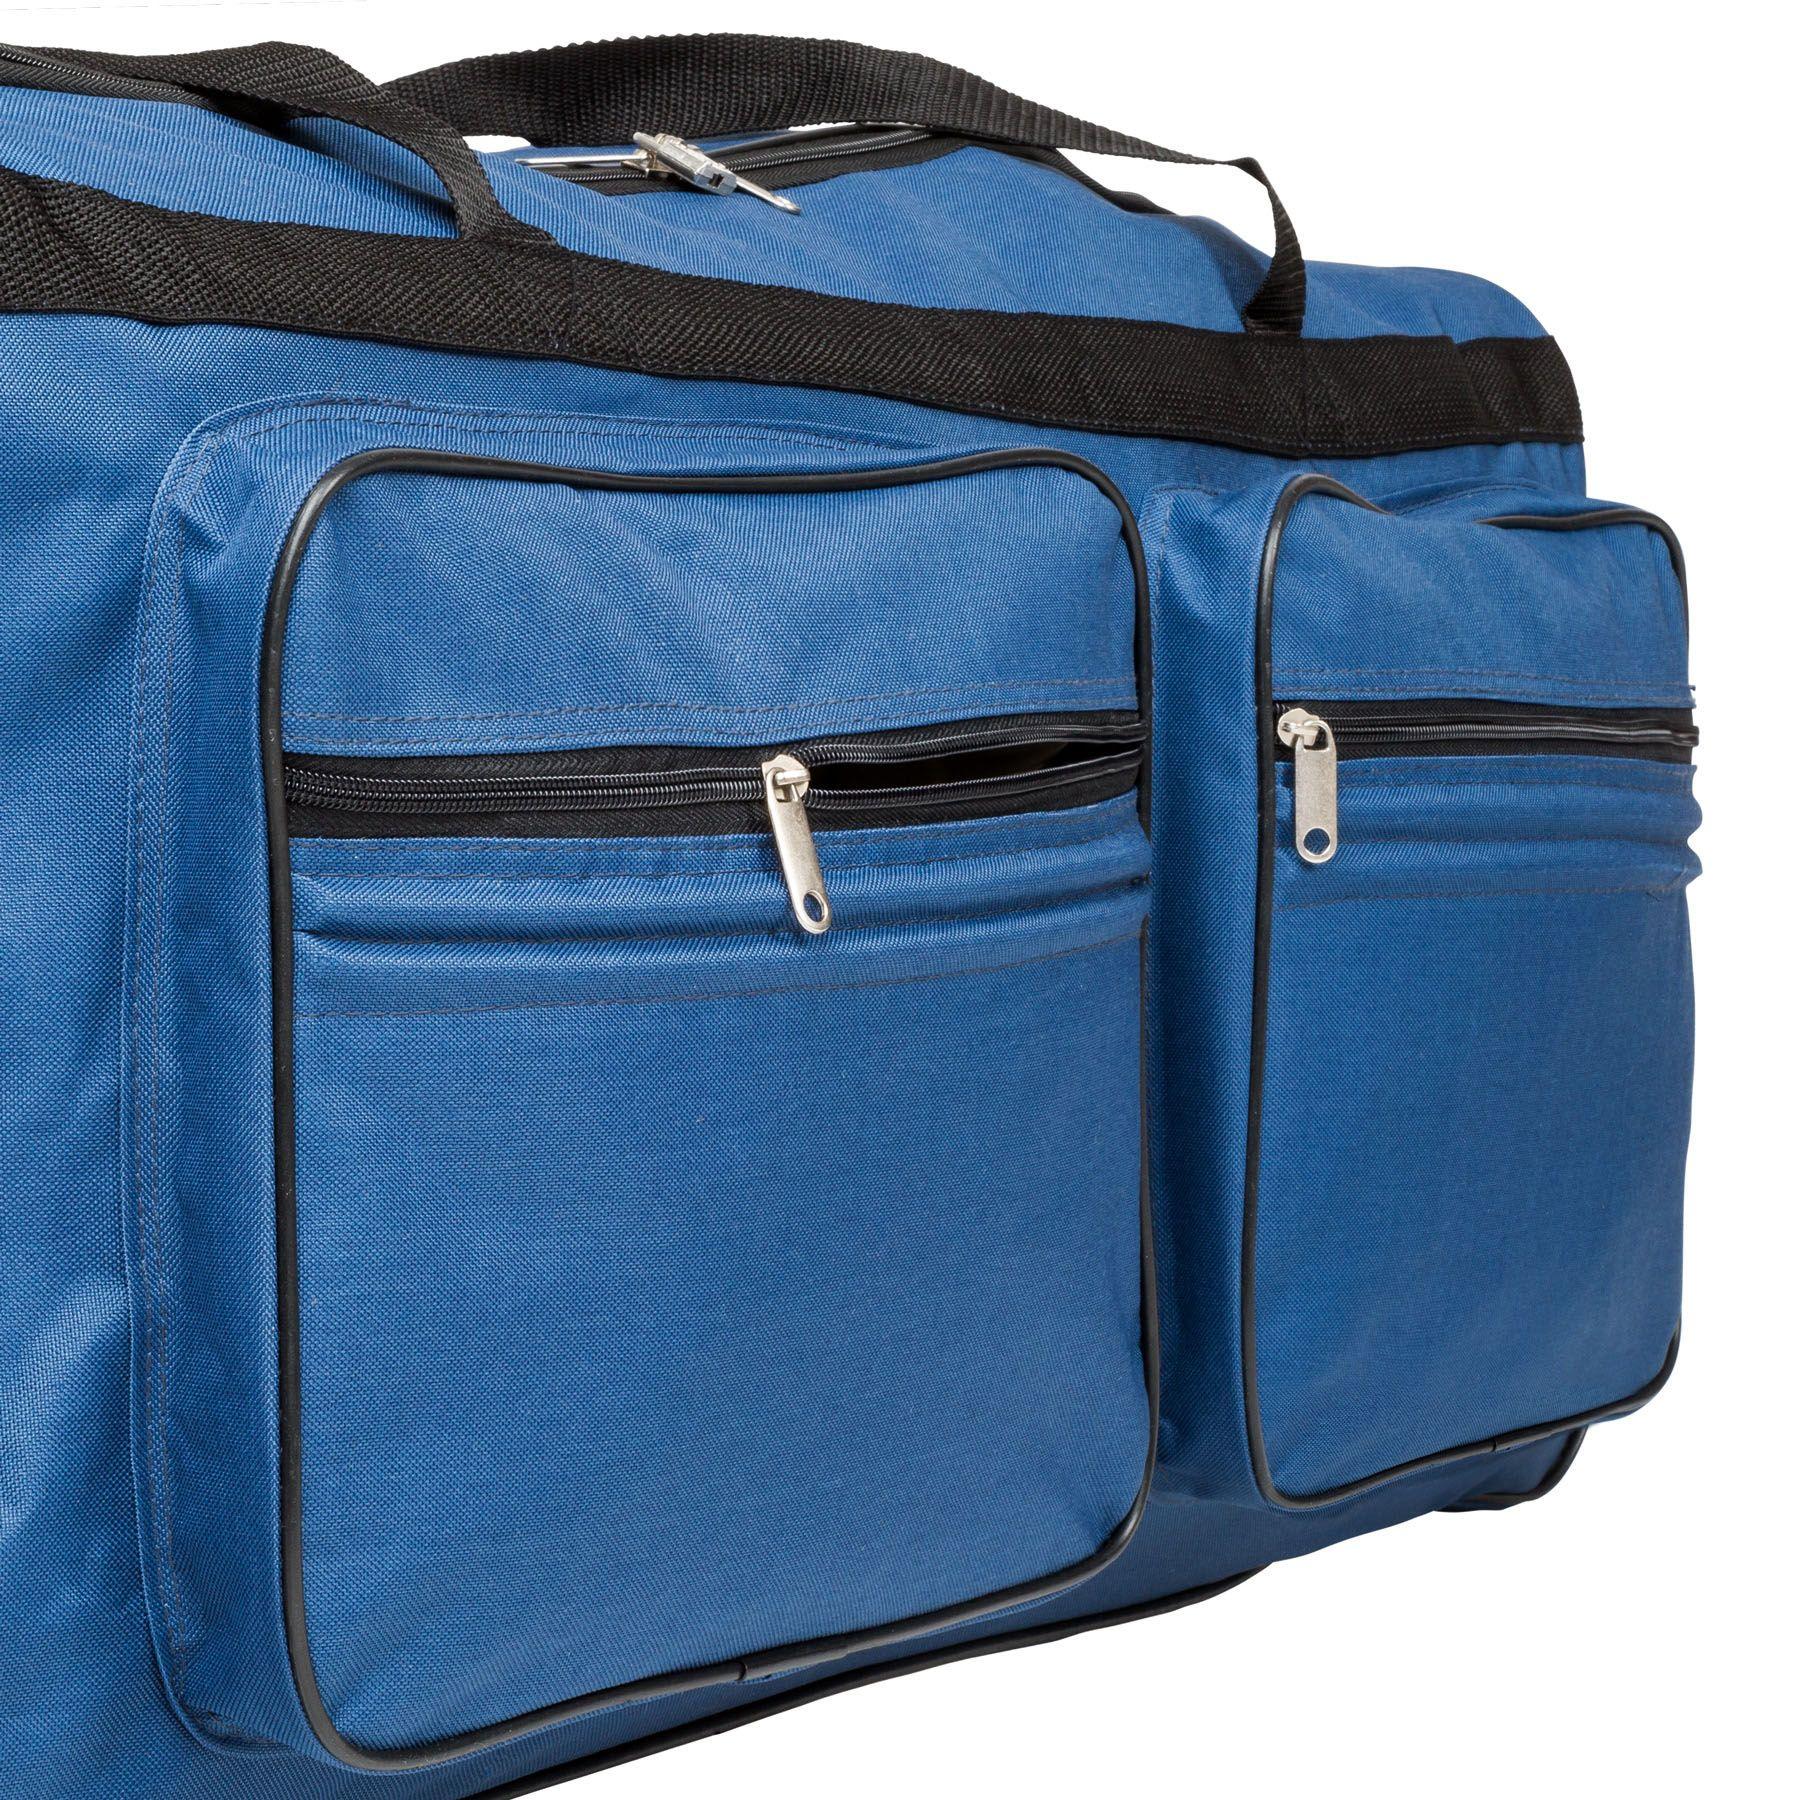 402215_5 Sac de voyage XXL valise trolley légère sport bagage à roulettes 160 litres